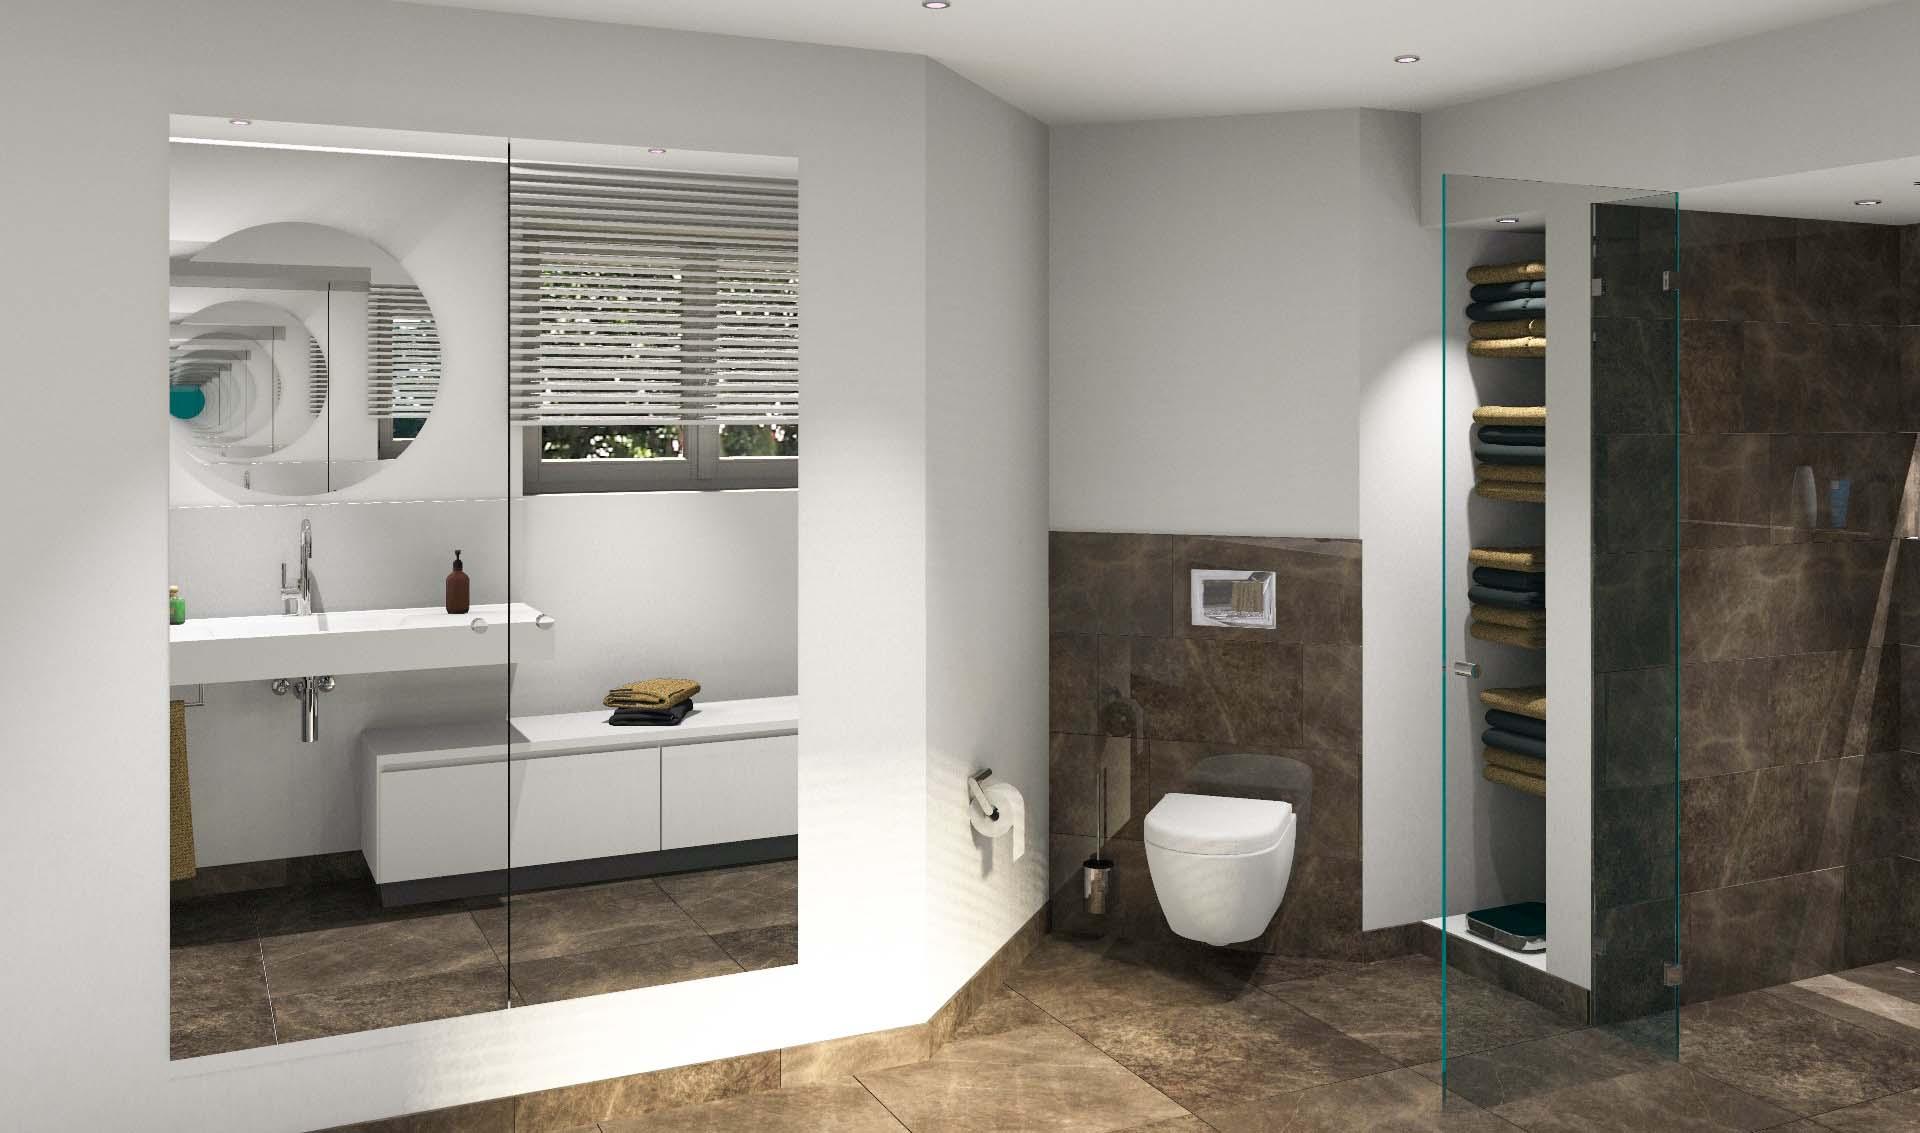 Bestehende Nischen nutzen, Toilette verstecken.